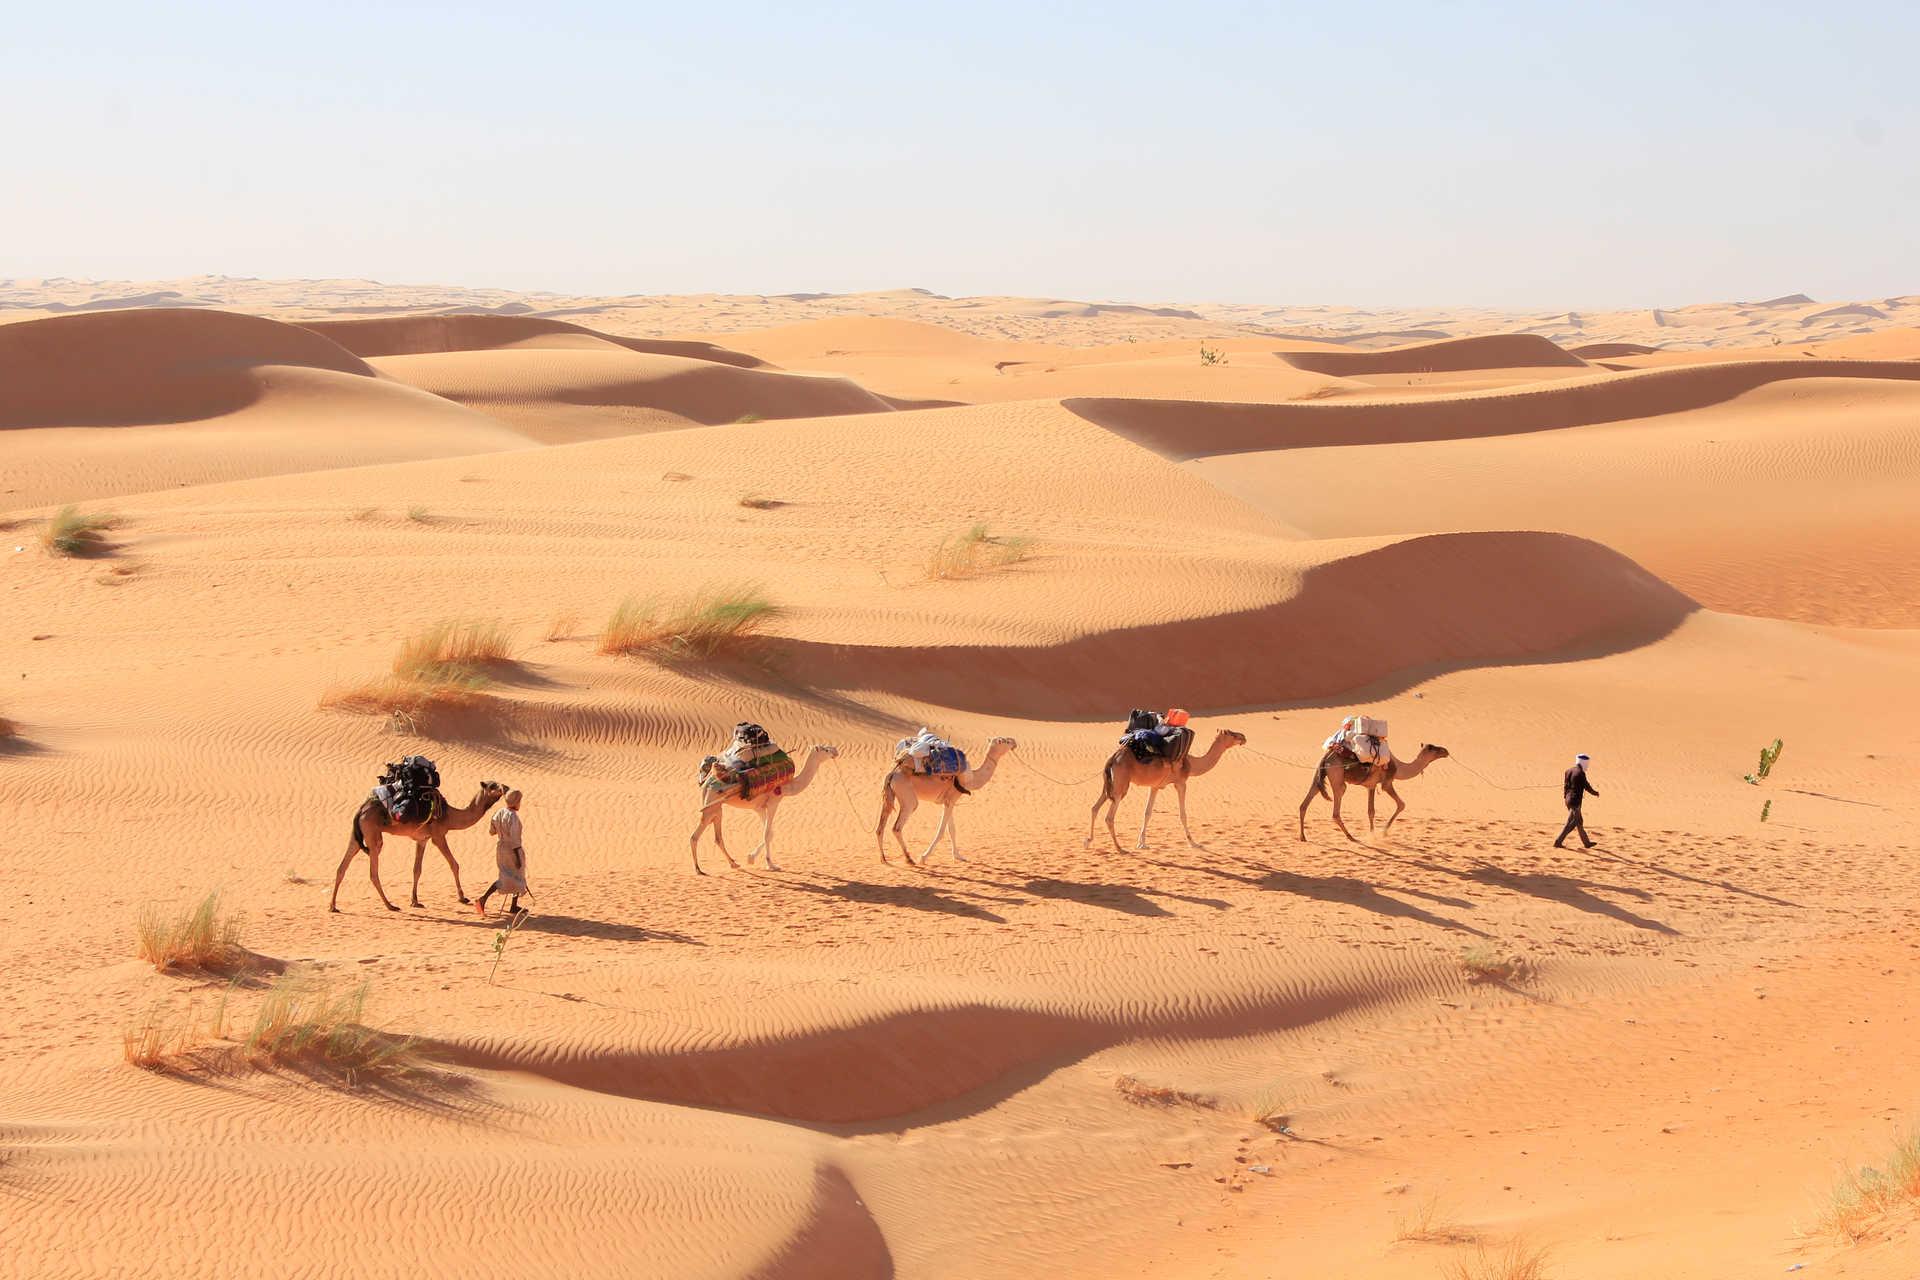 Caravane de chameaux dans le désert mauritanien